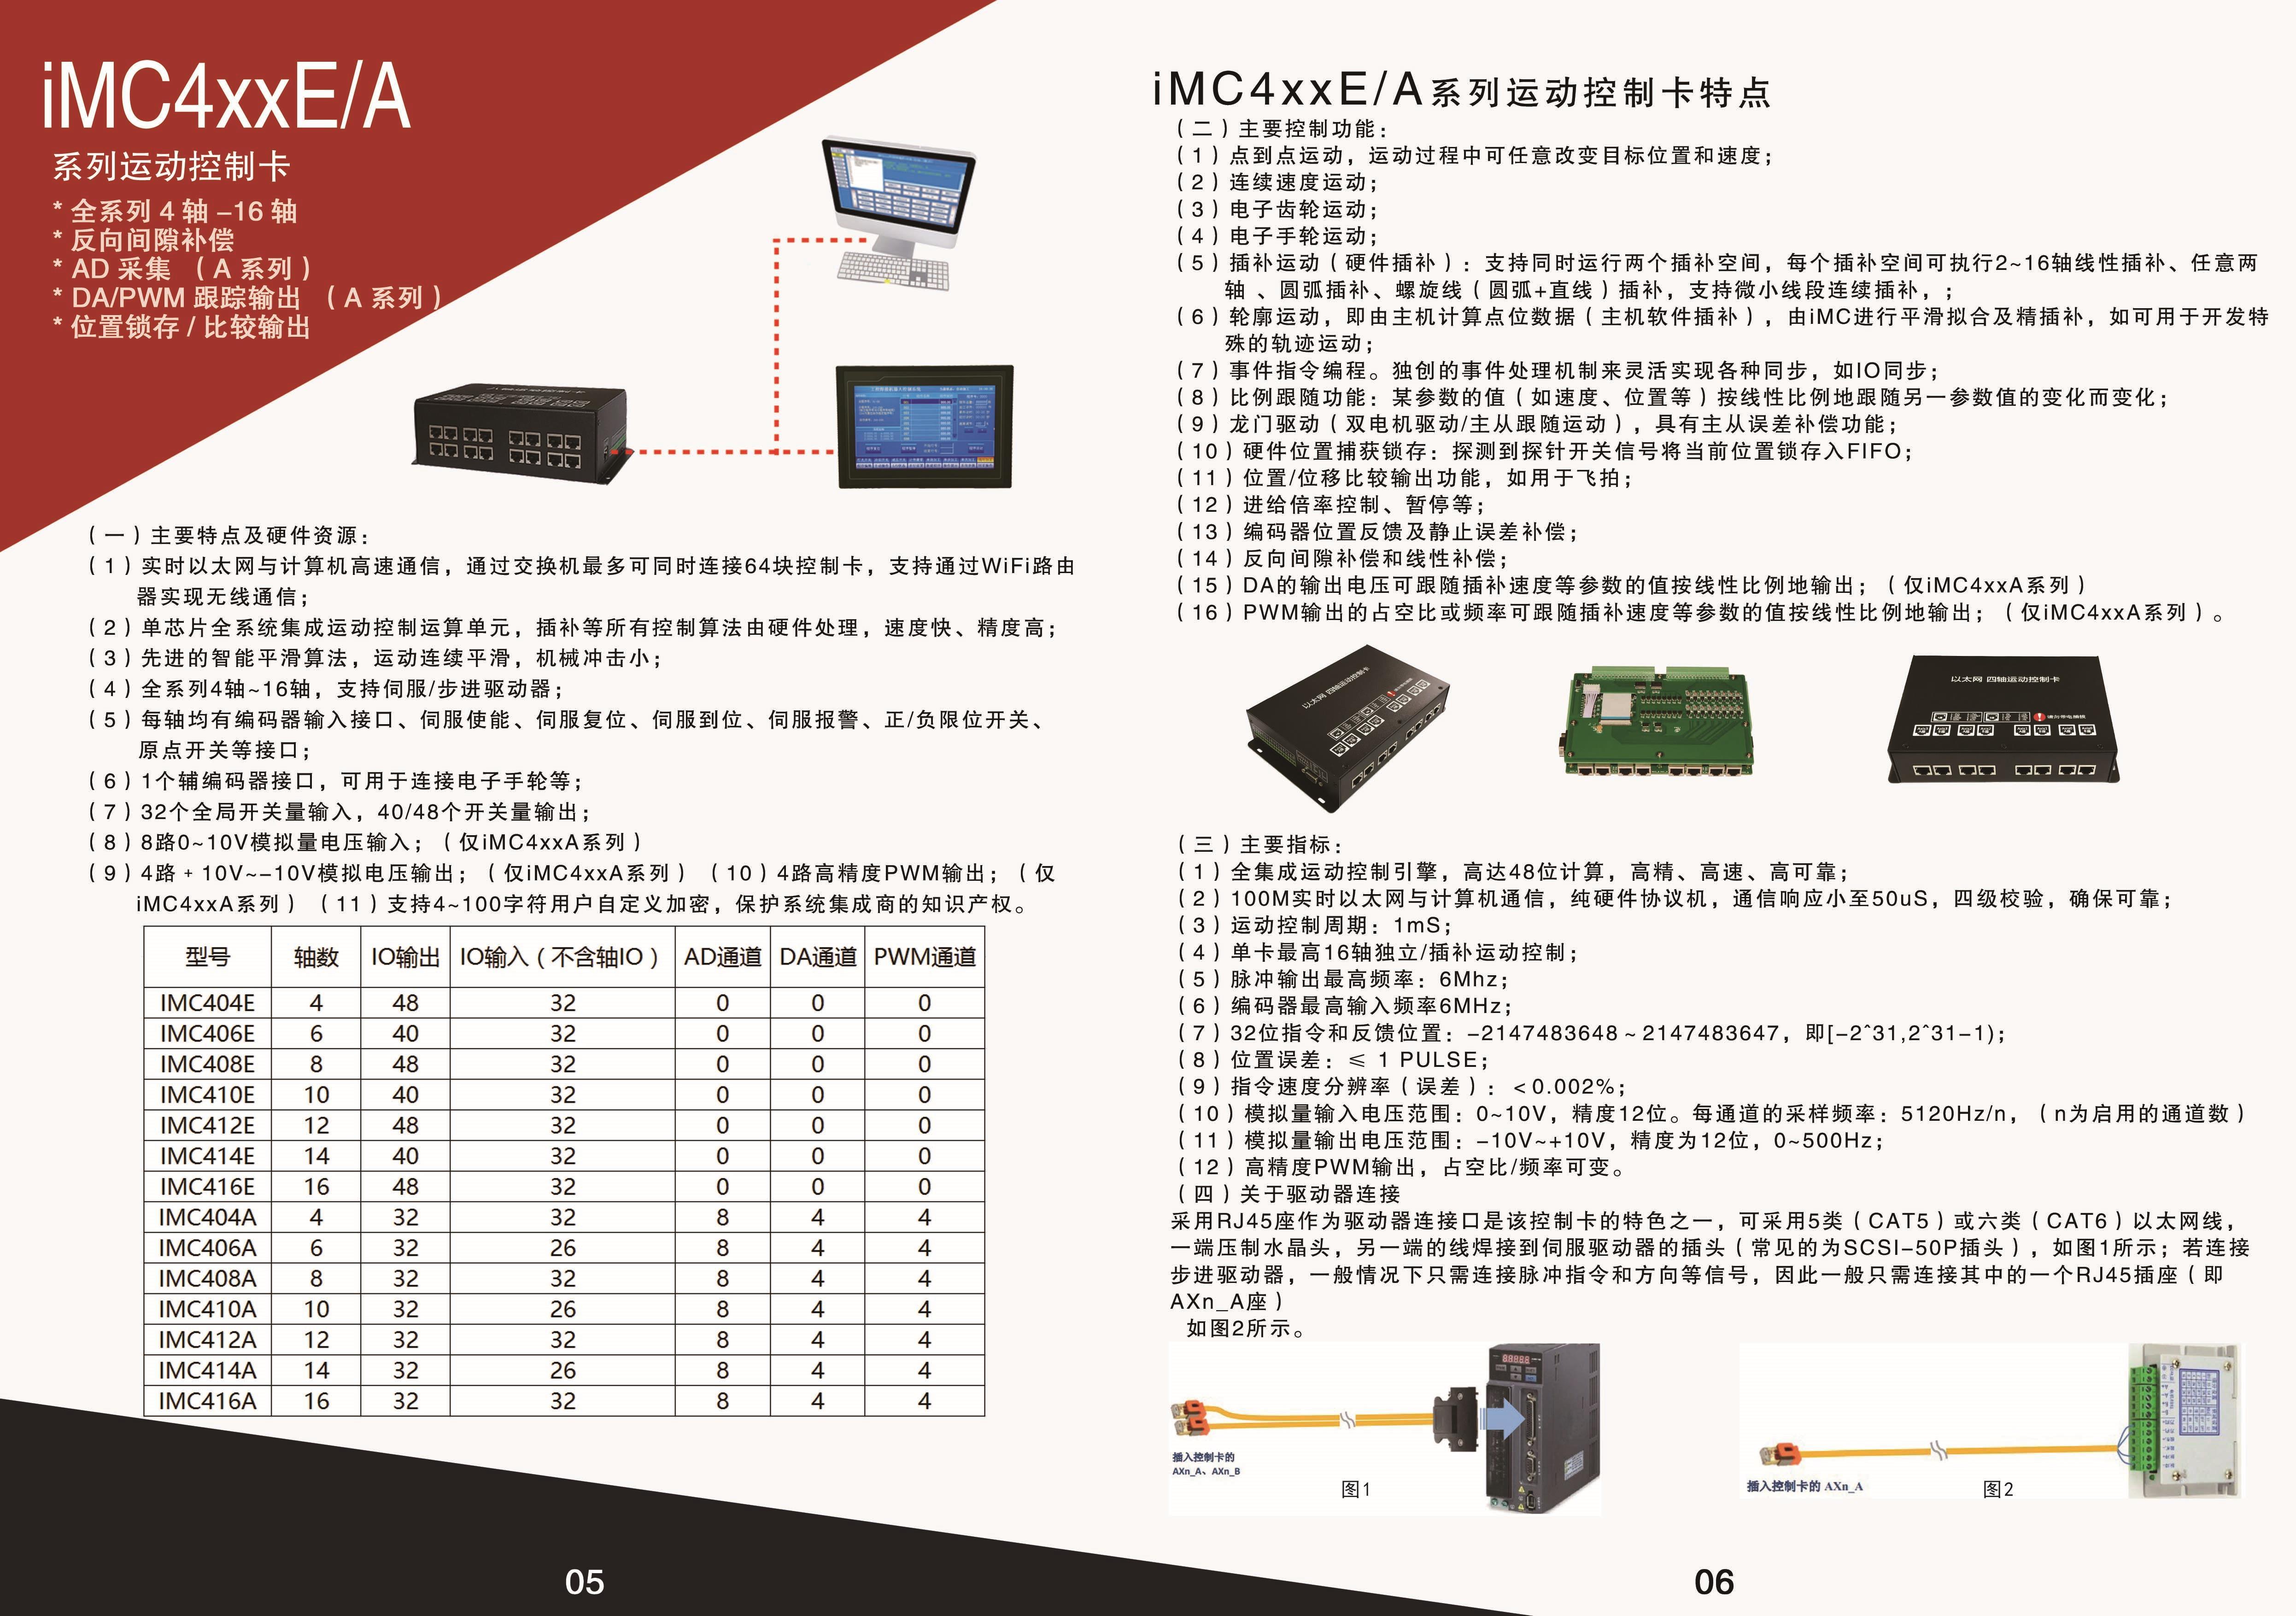 广州研为IMC4XXE/A系列产品技术参数